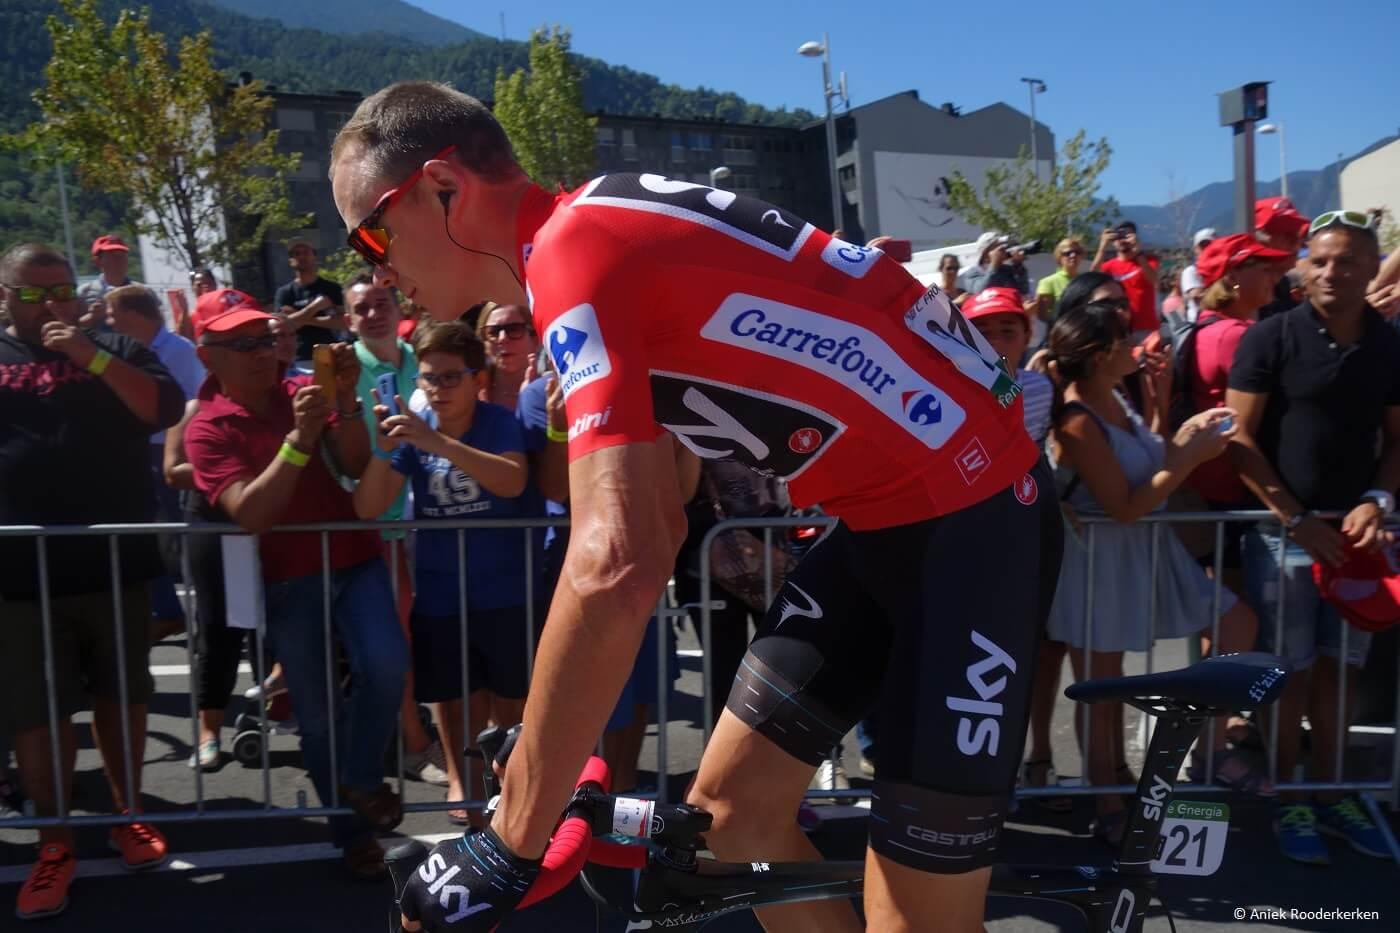 Chris Froome in La Vuelta Andorra 2017